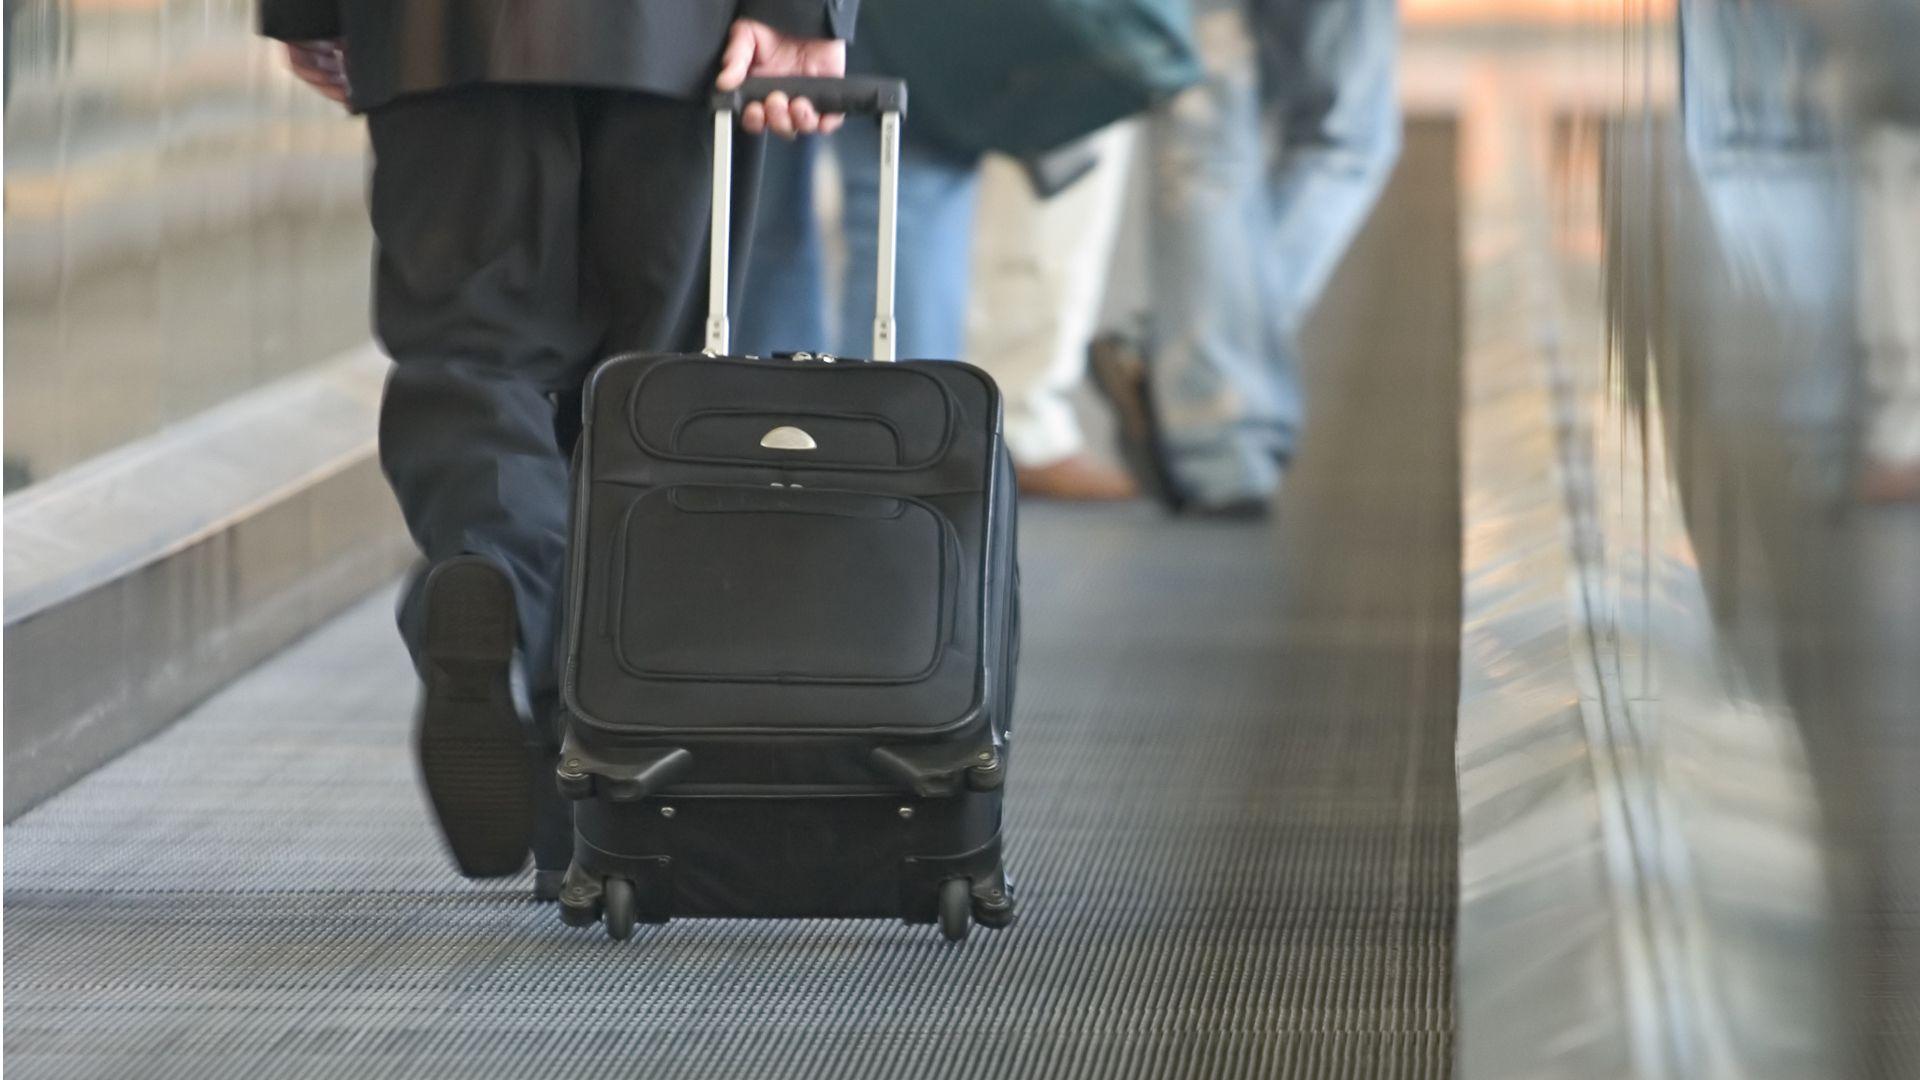 Kennismigrant Werkvergunning Kennismigrantenregeling